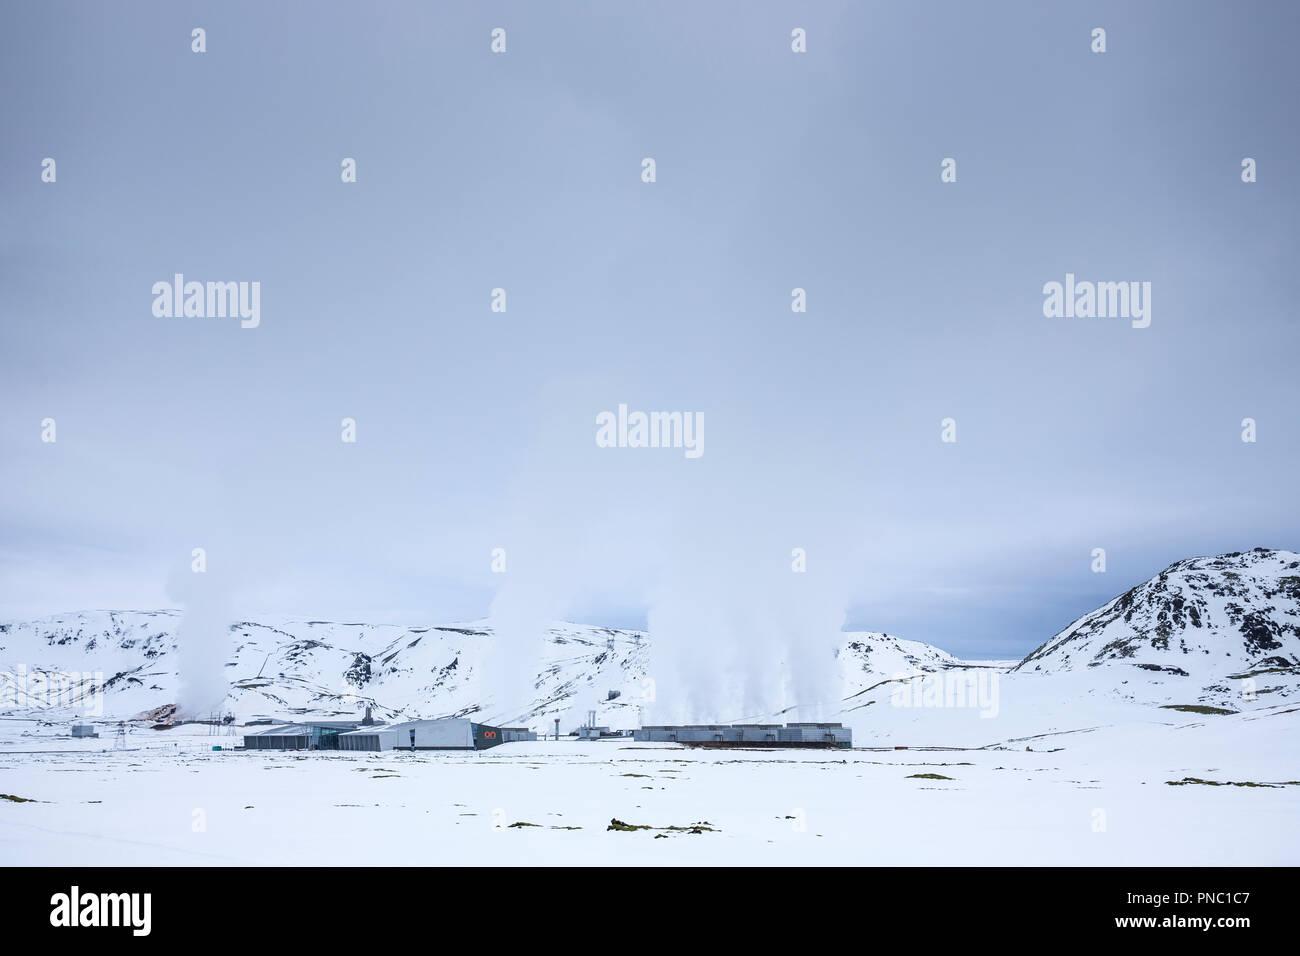 Potencia Orka Natturunn, la energía de la naturaleza, energía verde planta geotérmica energía renovable, Reykjavik, el sur de Islandia Imagen De Stock